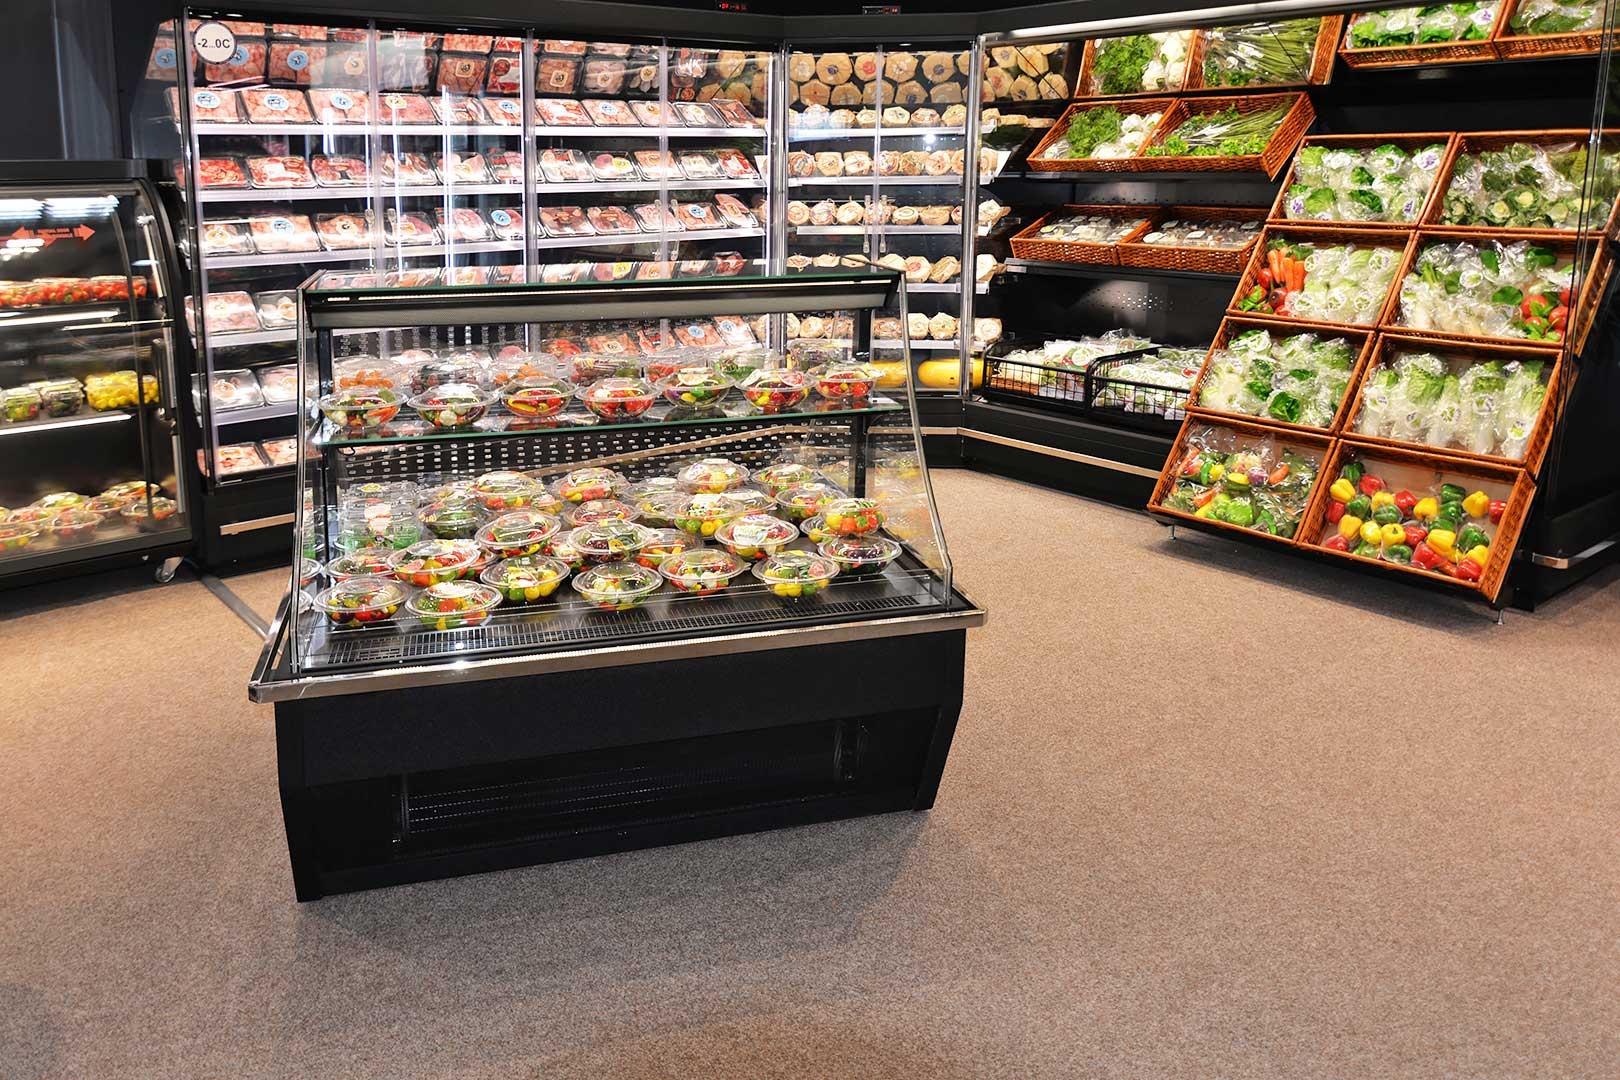 Promotional merchandiser Virginia AI 120 deli self 120-DLA , multideck cabinets Indiana MV 080 MT D 205-DLA, Indiana MV 080 MT D 205-DLA-IS90, specialized unit for vegetables and fruit sales Indiana MV 080 FV O 205-DLA